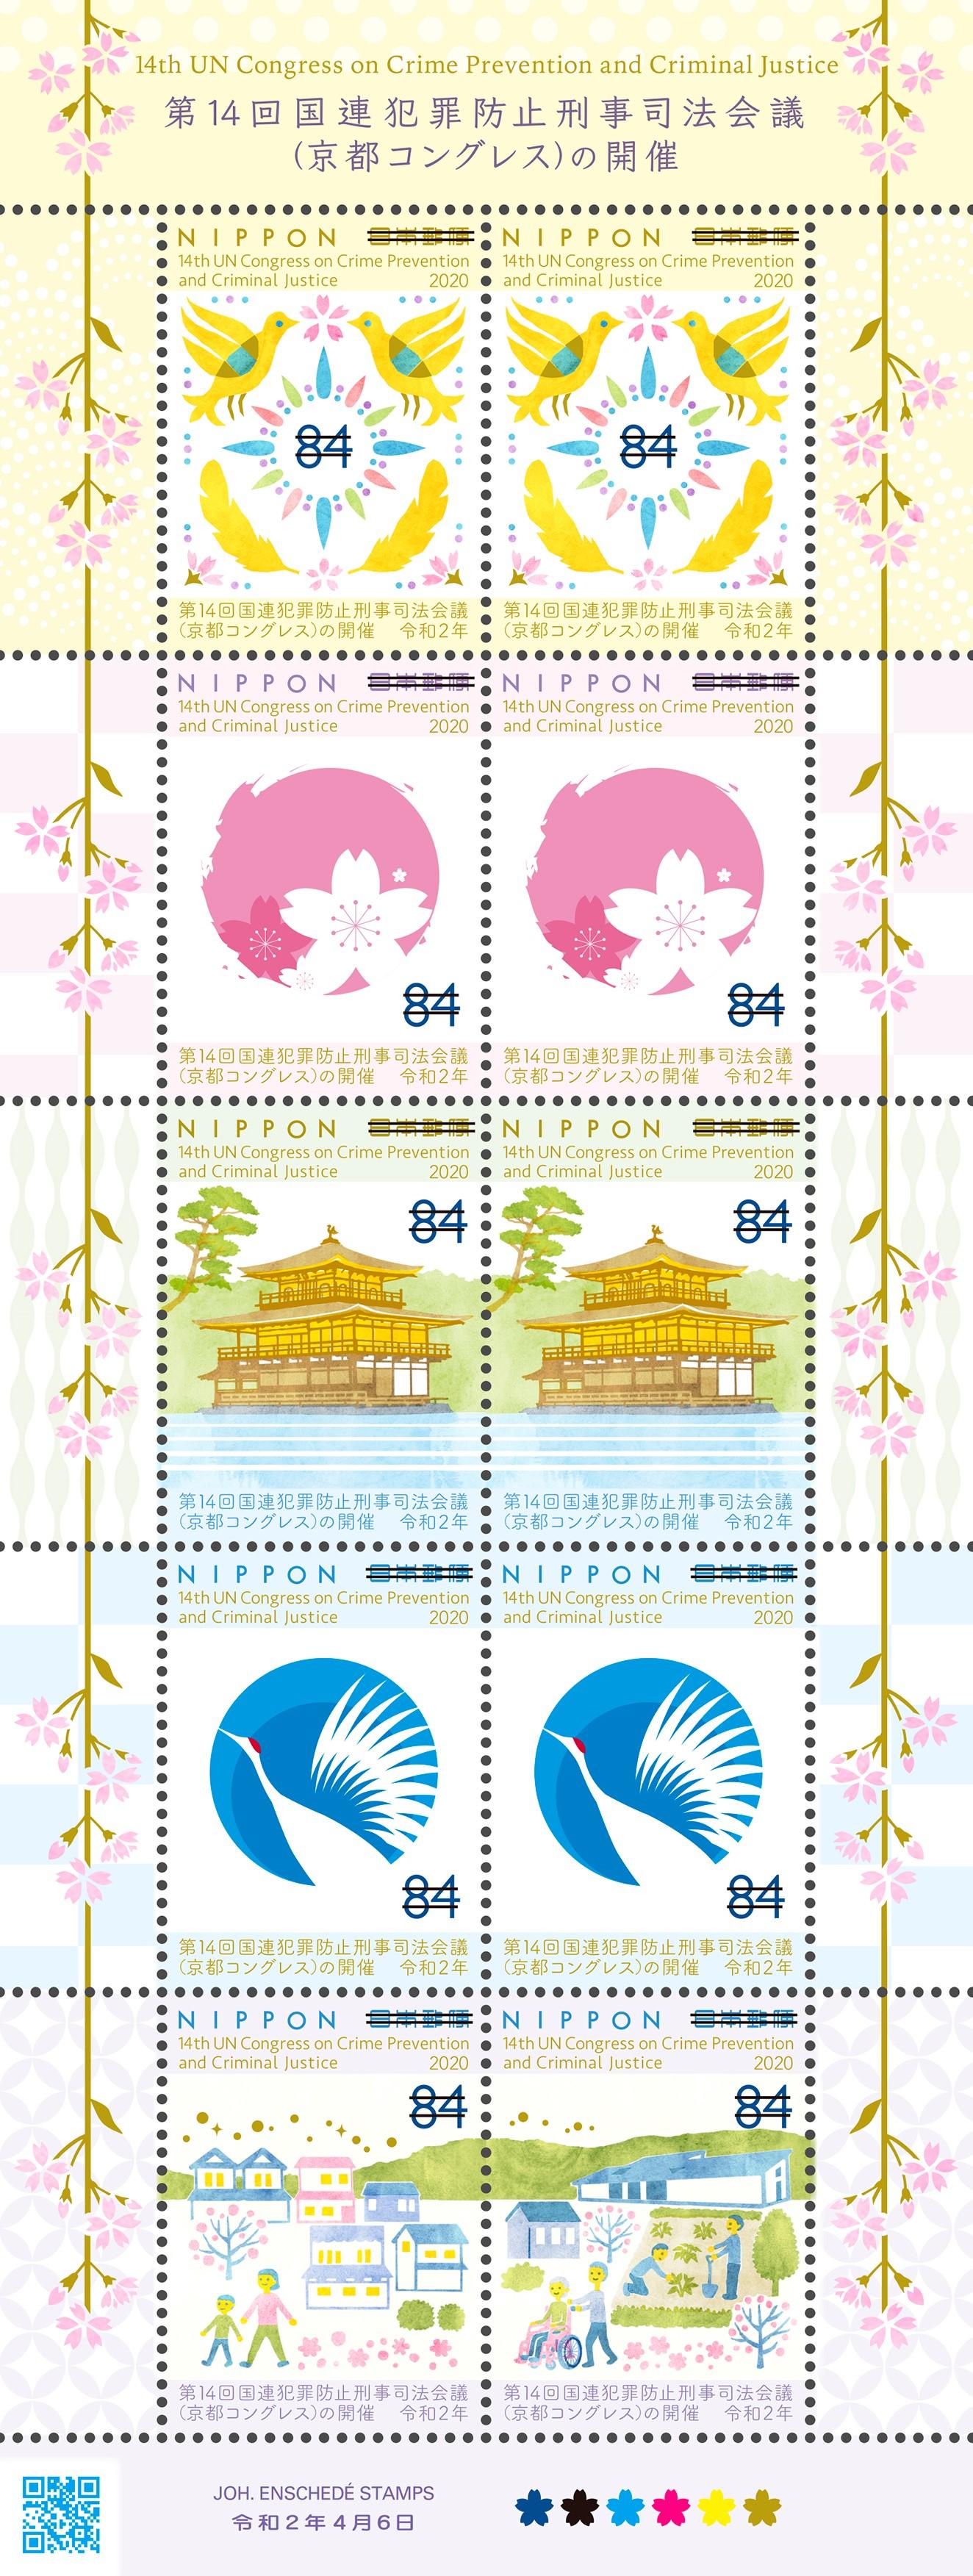 日本4月6日发行第14届联合国预防犯罪和刑事司法大会邮票